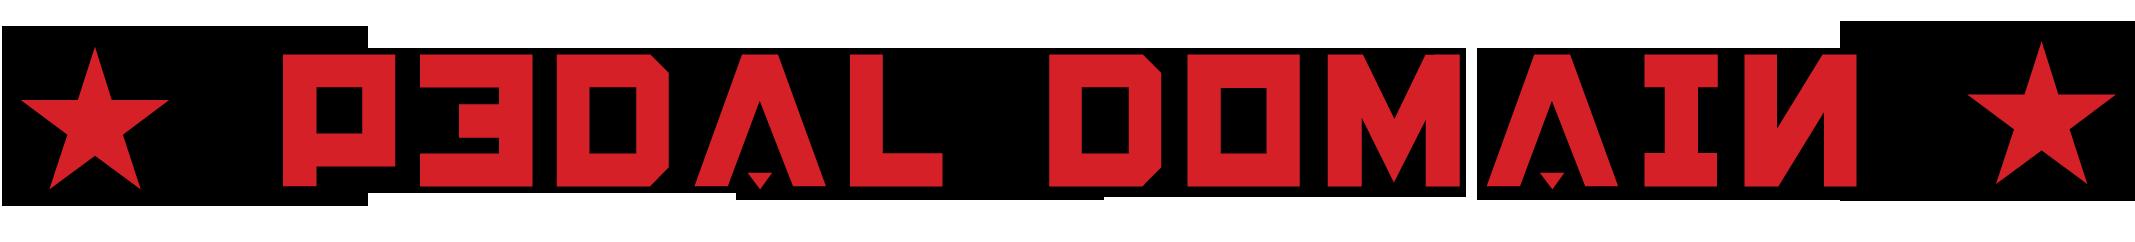 Pedal Domain